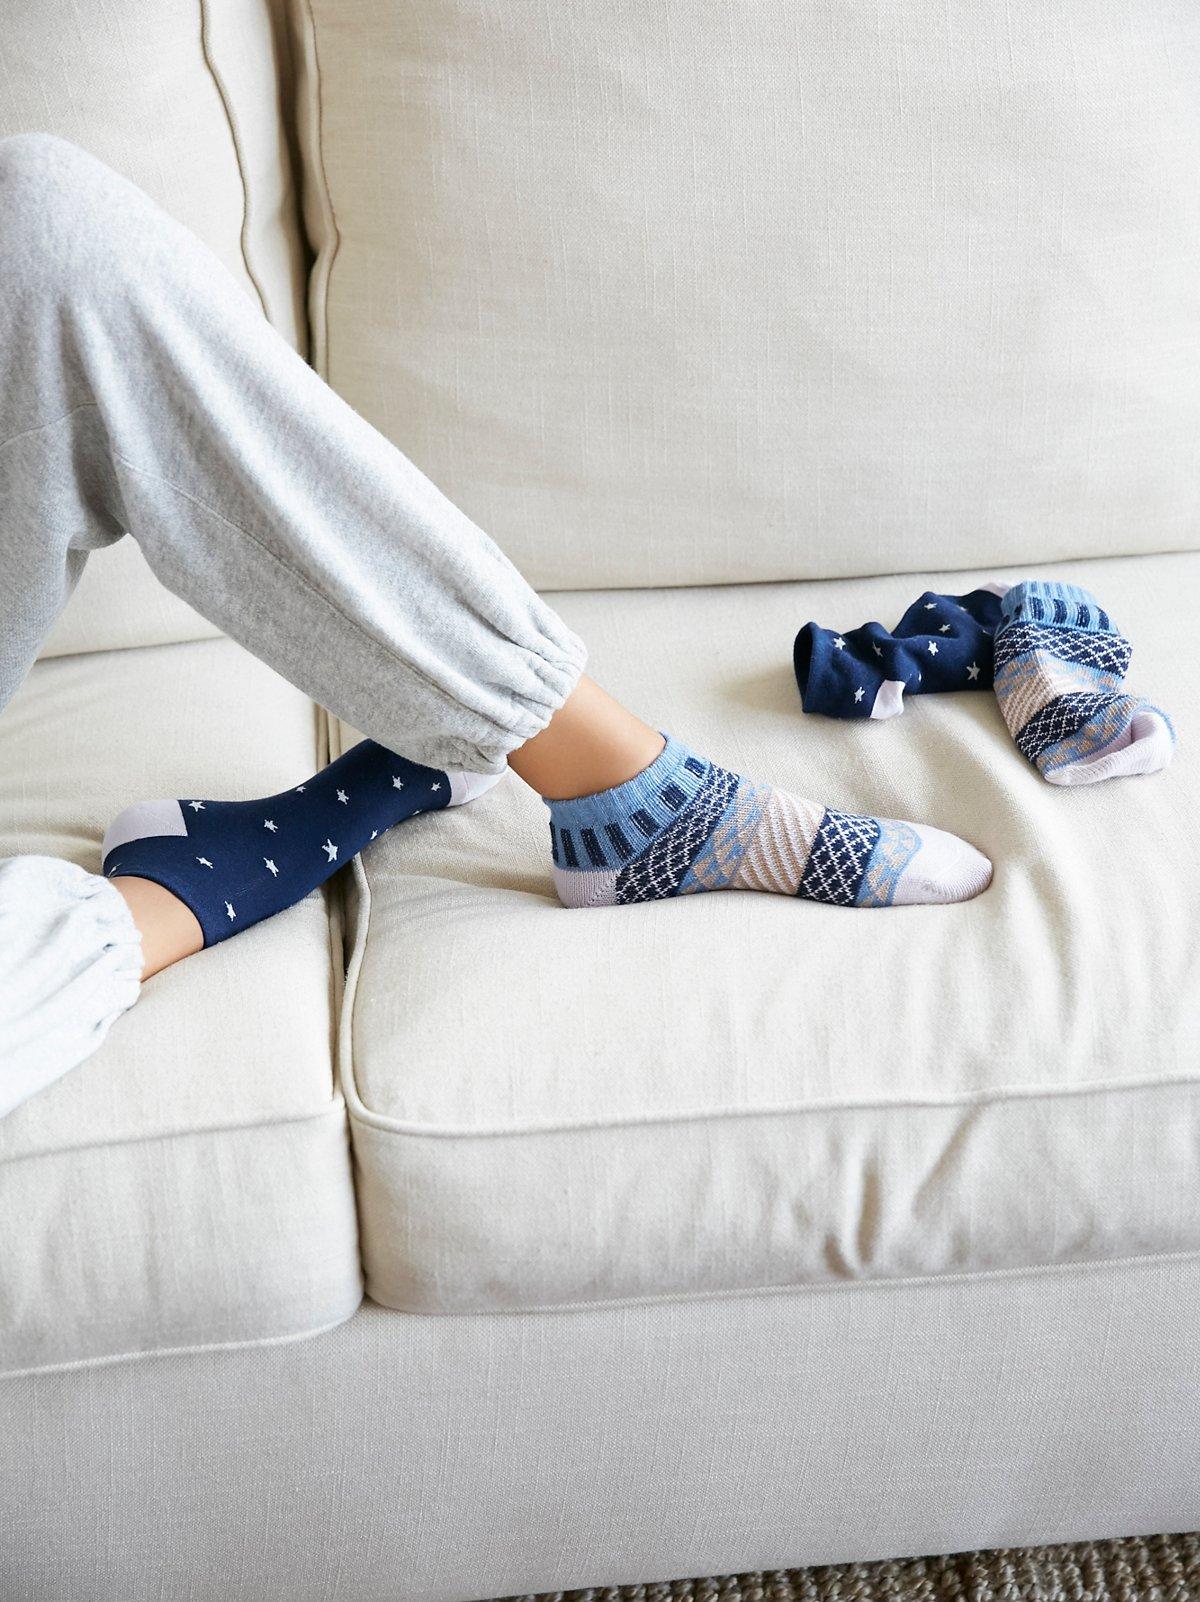 Freelove 2对装短袜